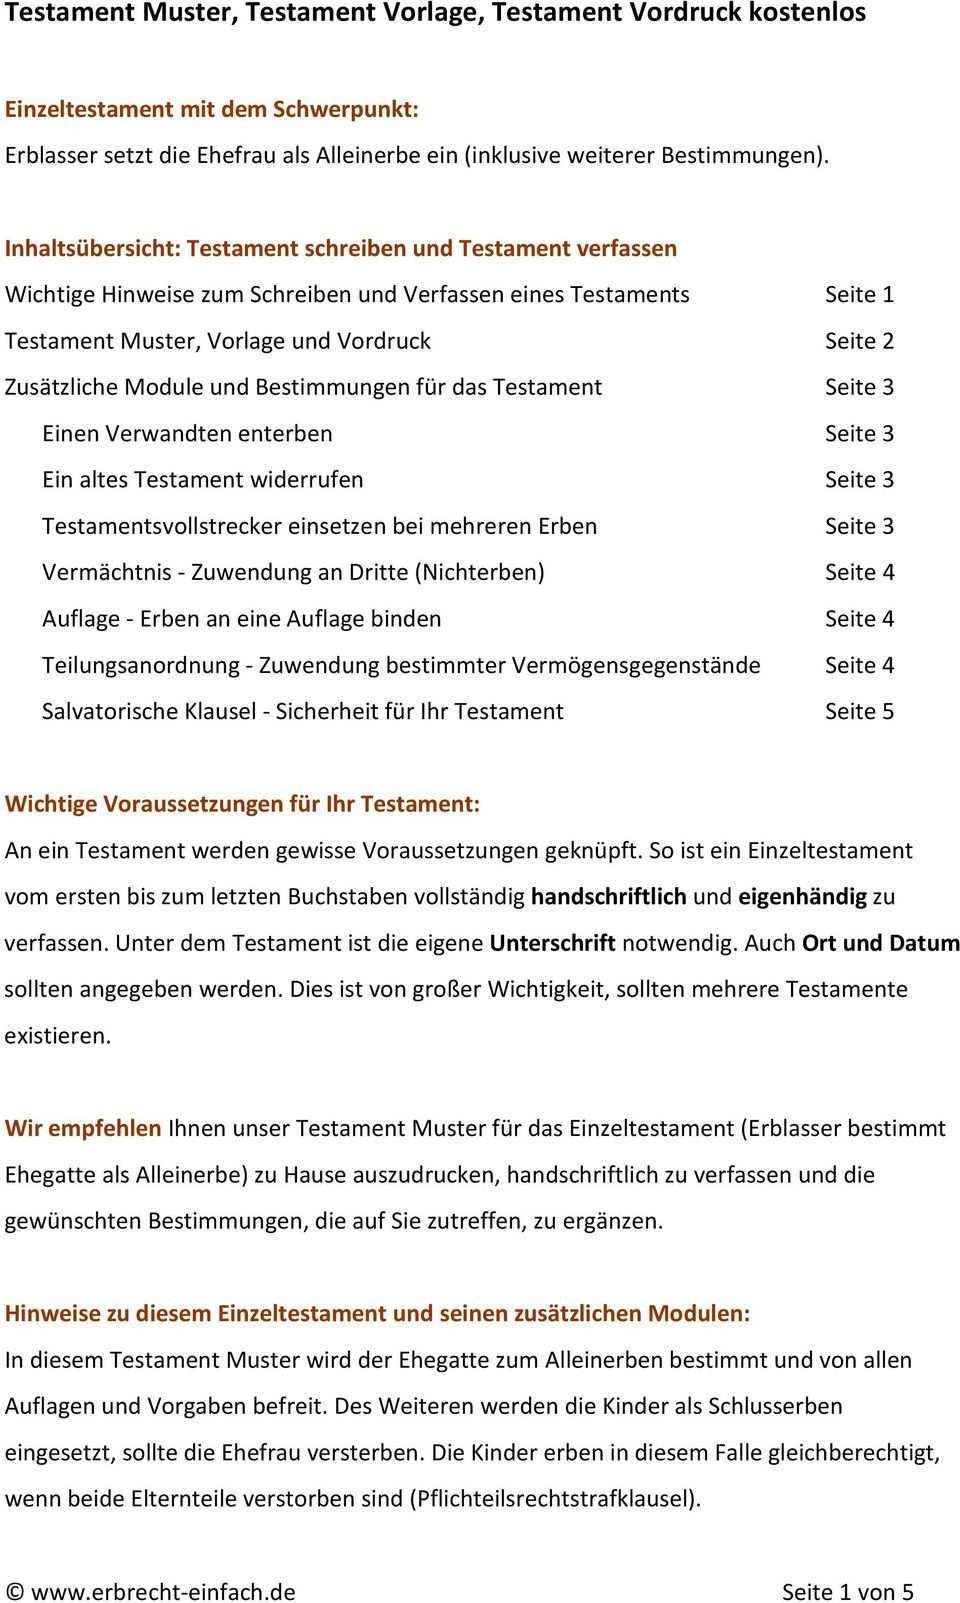 Testament Muster Testament Vorlage Testament Vordruck Kostenlos Pdf Free Download